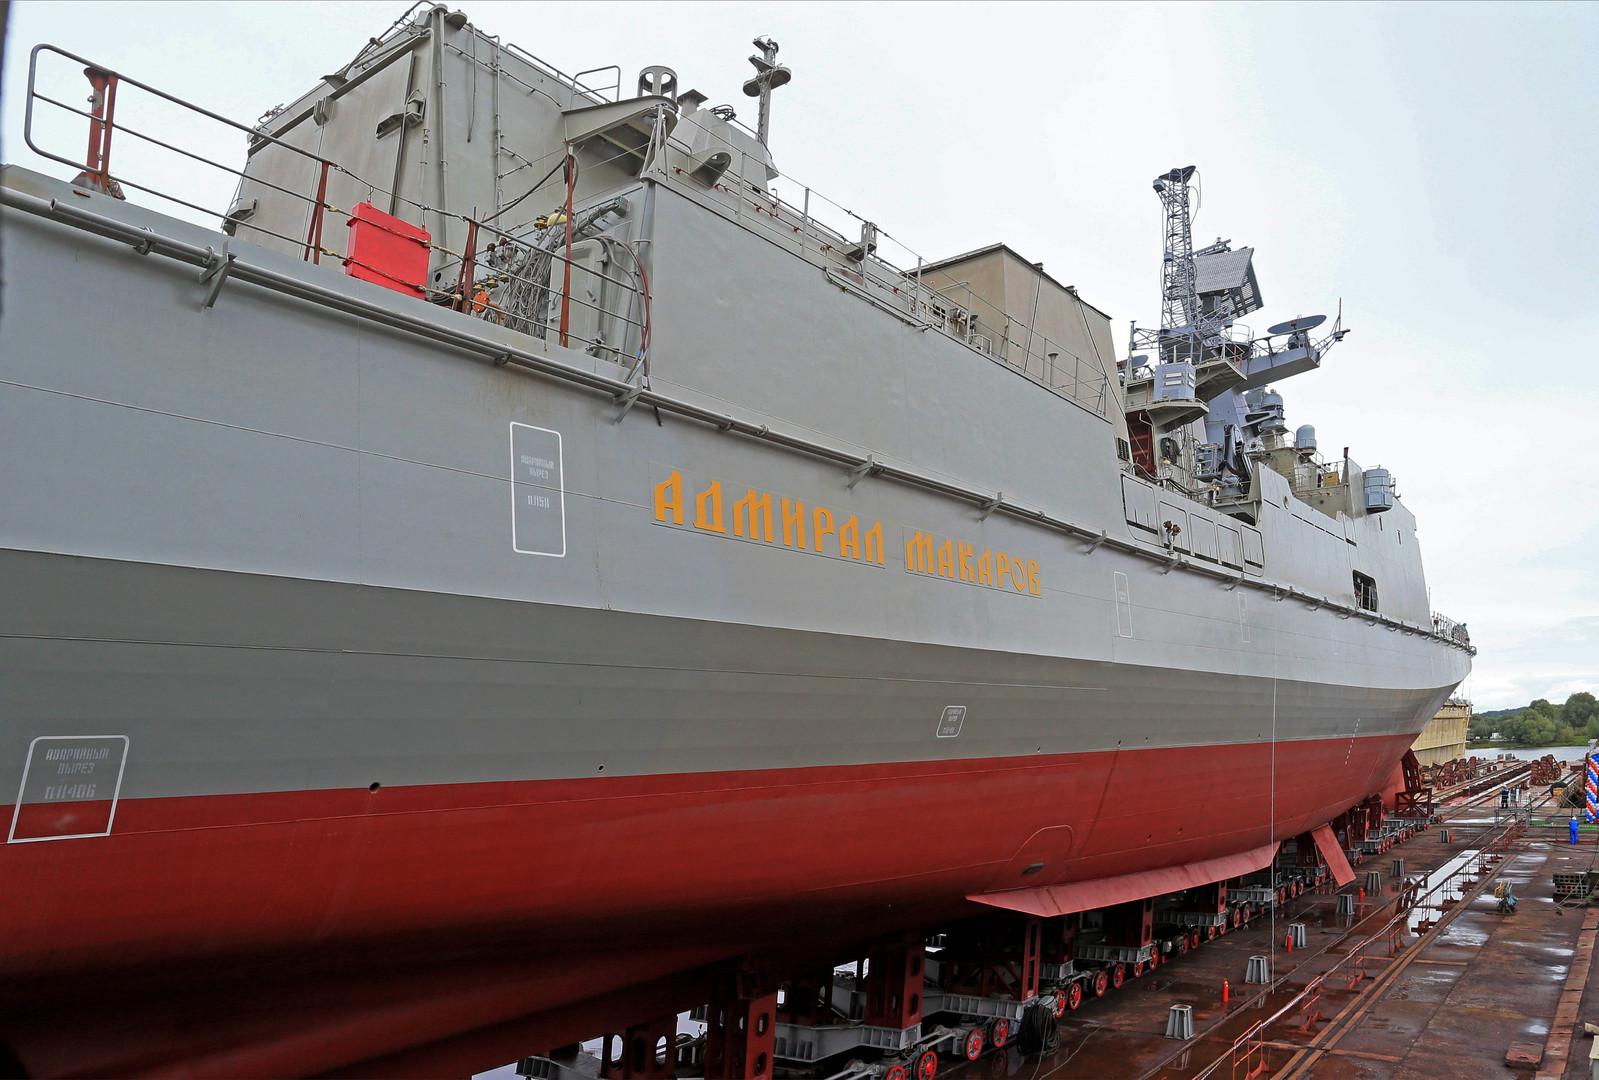 Торжественная церемония спуска на воду сторожевого корабля «Адмирал Макаров», построенного на балтийском судостроительном заводе «Янтарь» по заказу Министерства обороны России